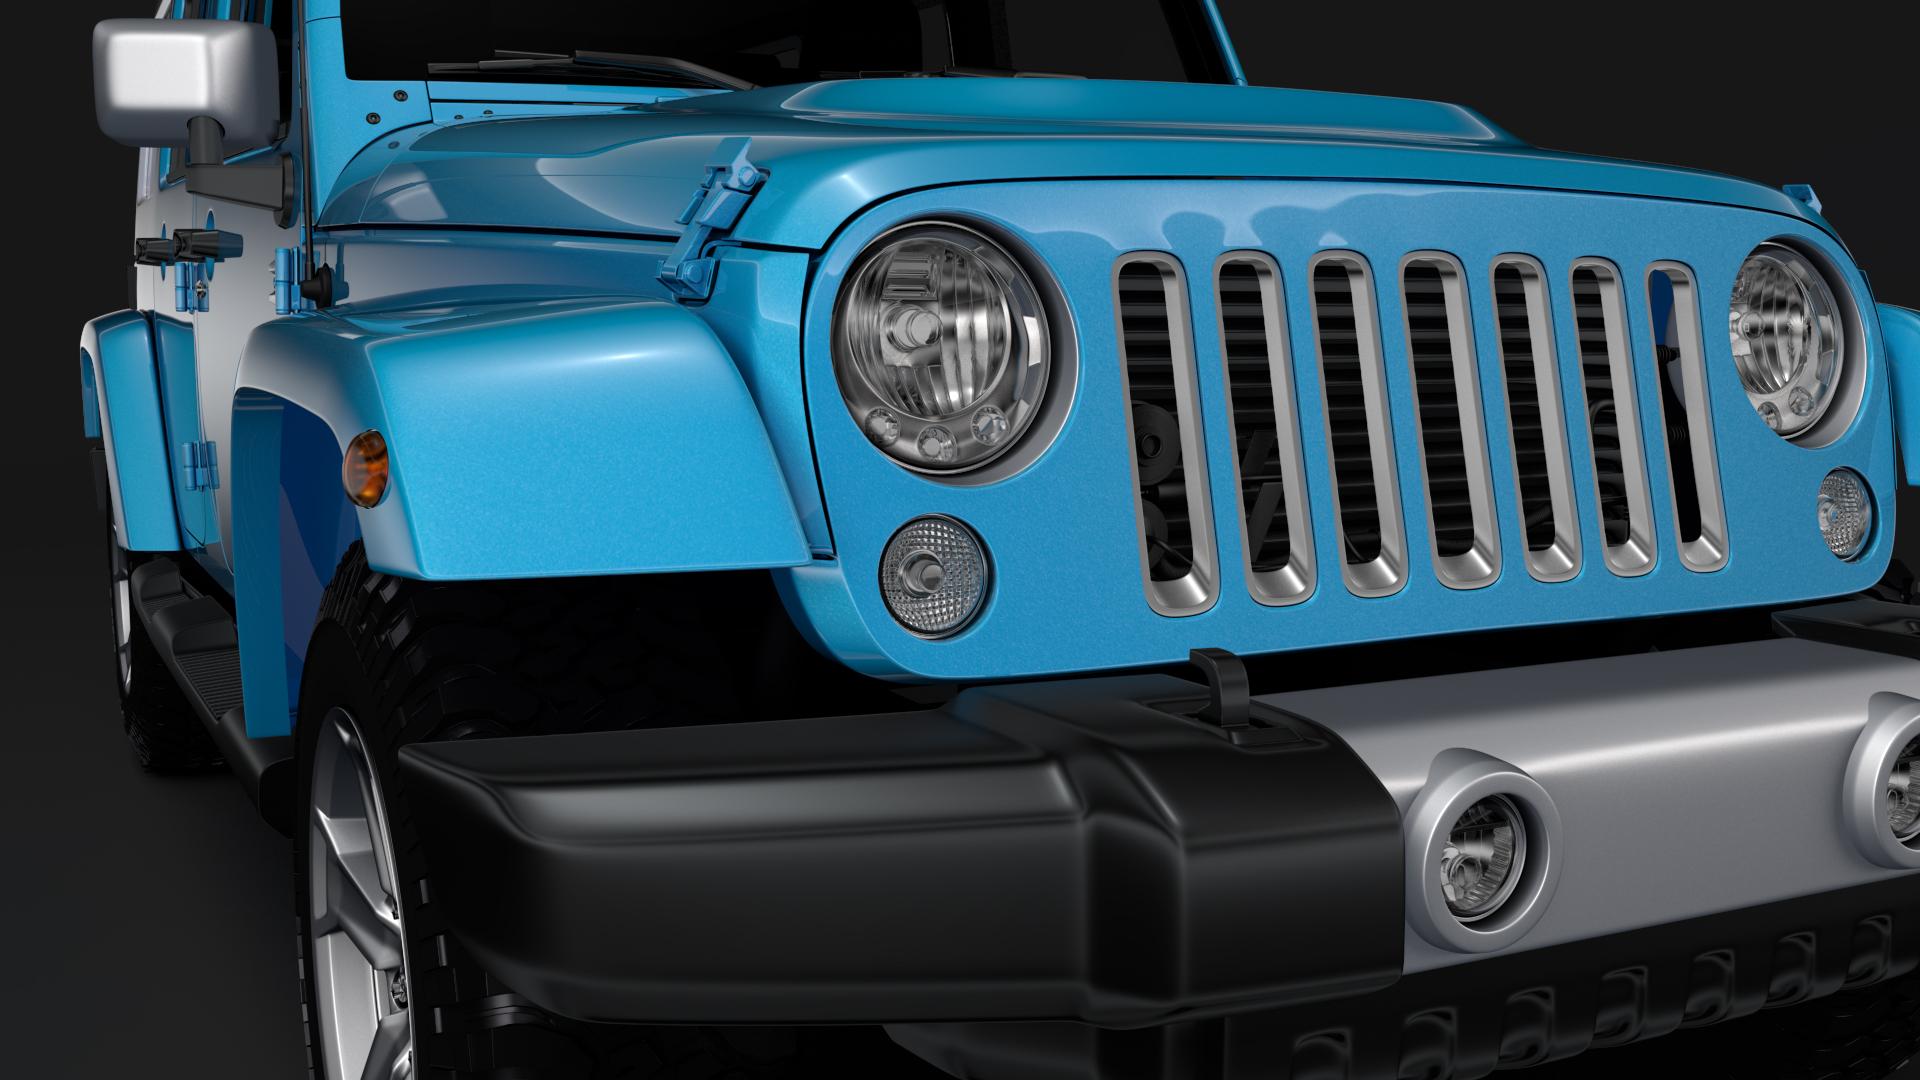 jeep wrangler unlimited chief jk 2017 3d model max fbx c4d lwo ma mb hrc xsi obj 276973